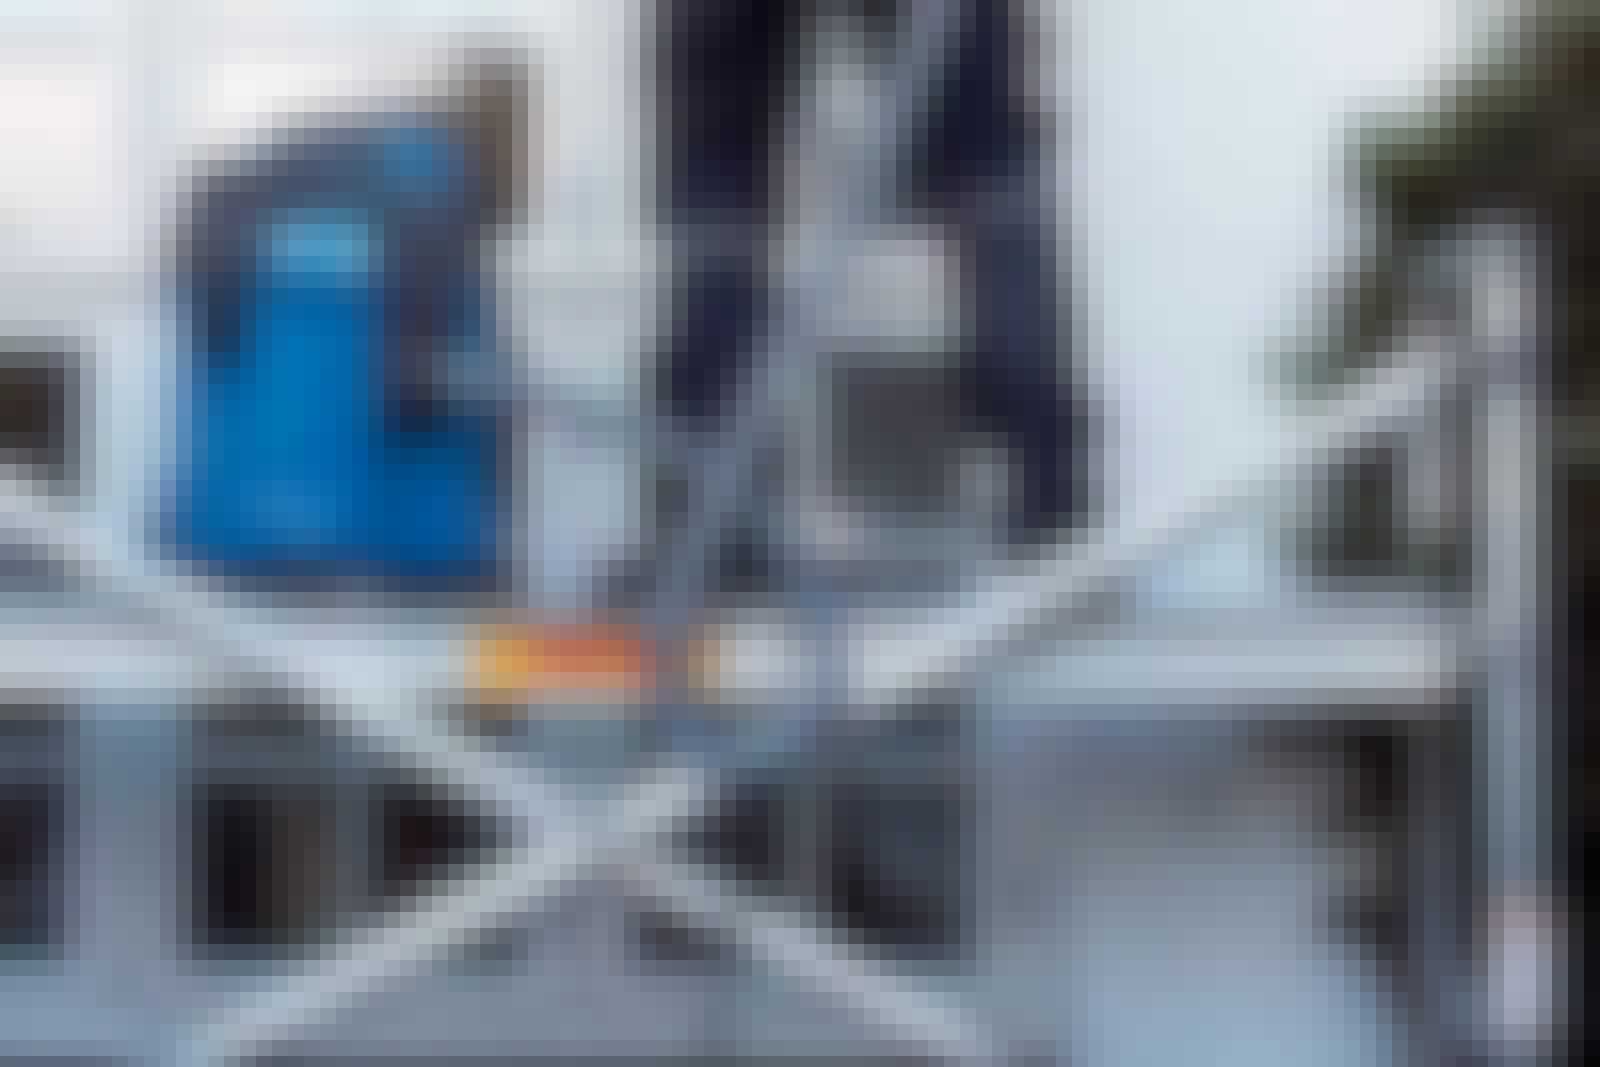 Støvet fra murværk kvæler lynhurtigt enhver støvsuger fra husholdningen permanent. Vil du ikke købe straks, så lej en industristøvsuger. Den klarer både støv og store spåner.